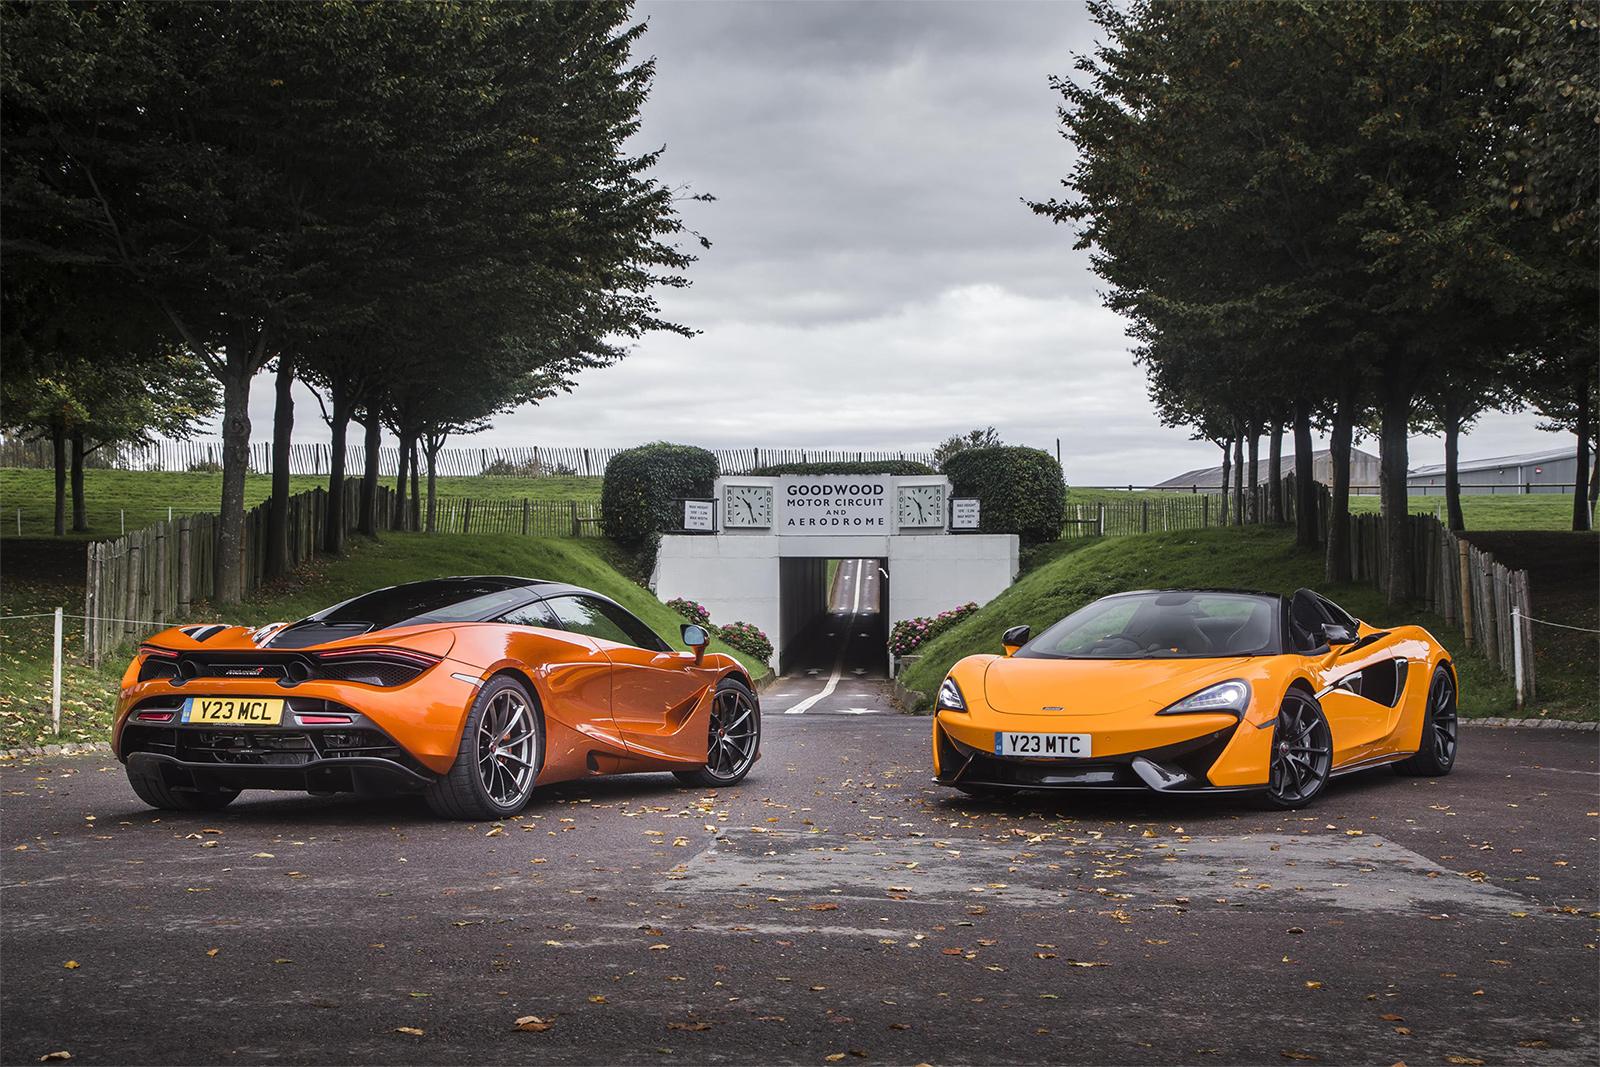 TrackWorthy - McLaren Goodwood